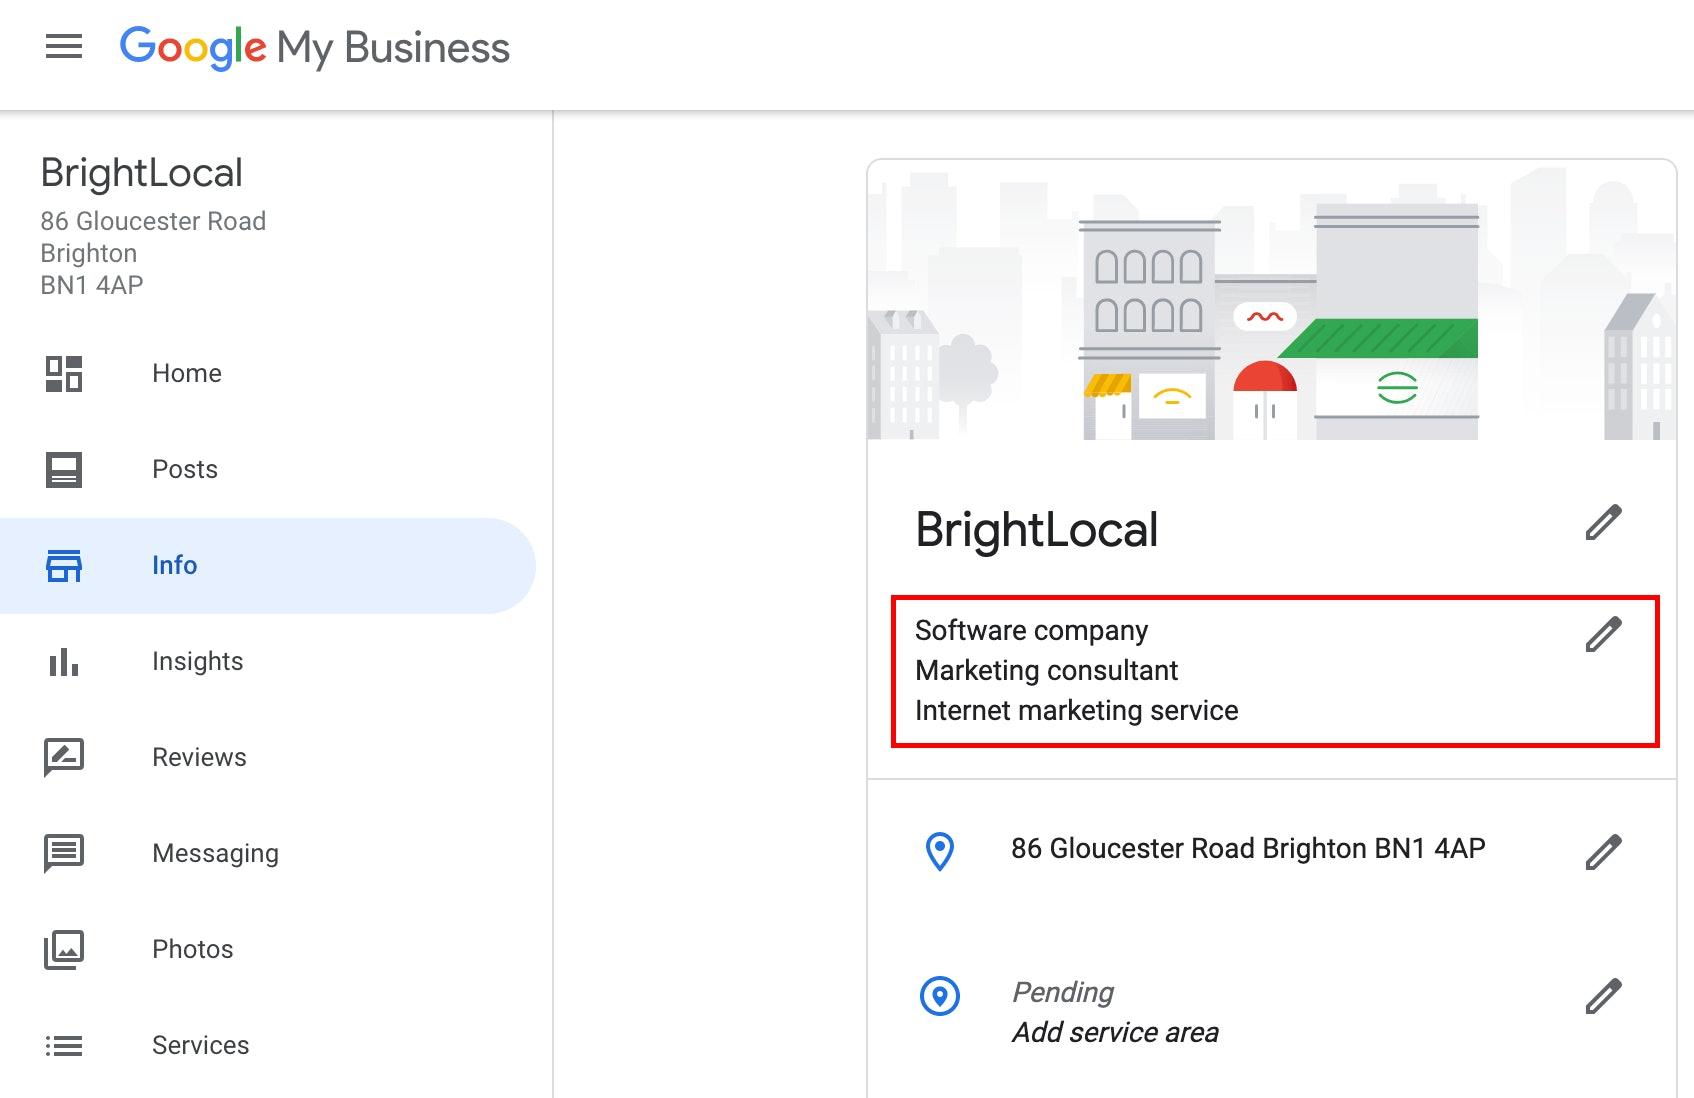 Google My Business categories screenshot